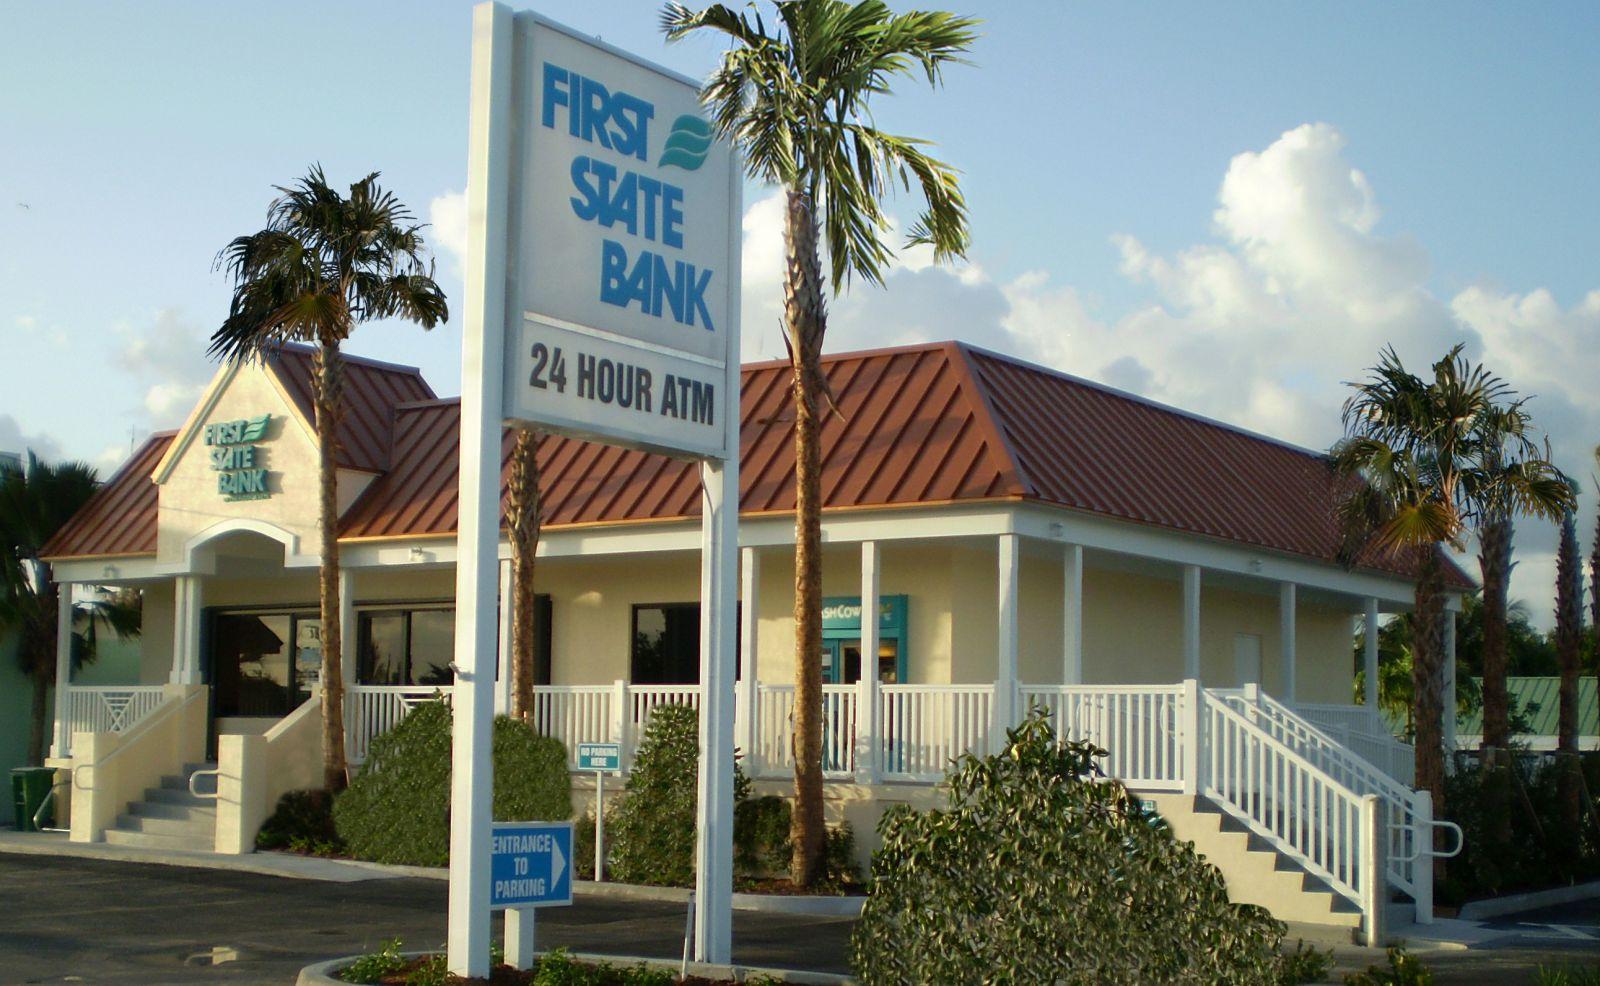 Personal Loans in Summerland Key, FL